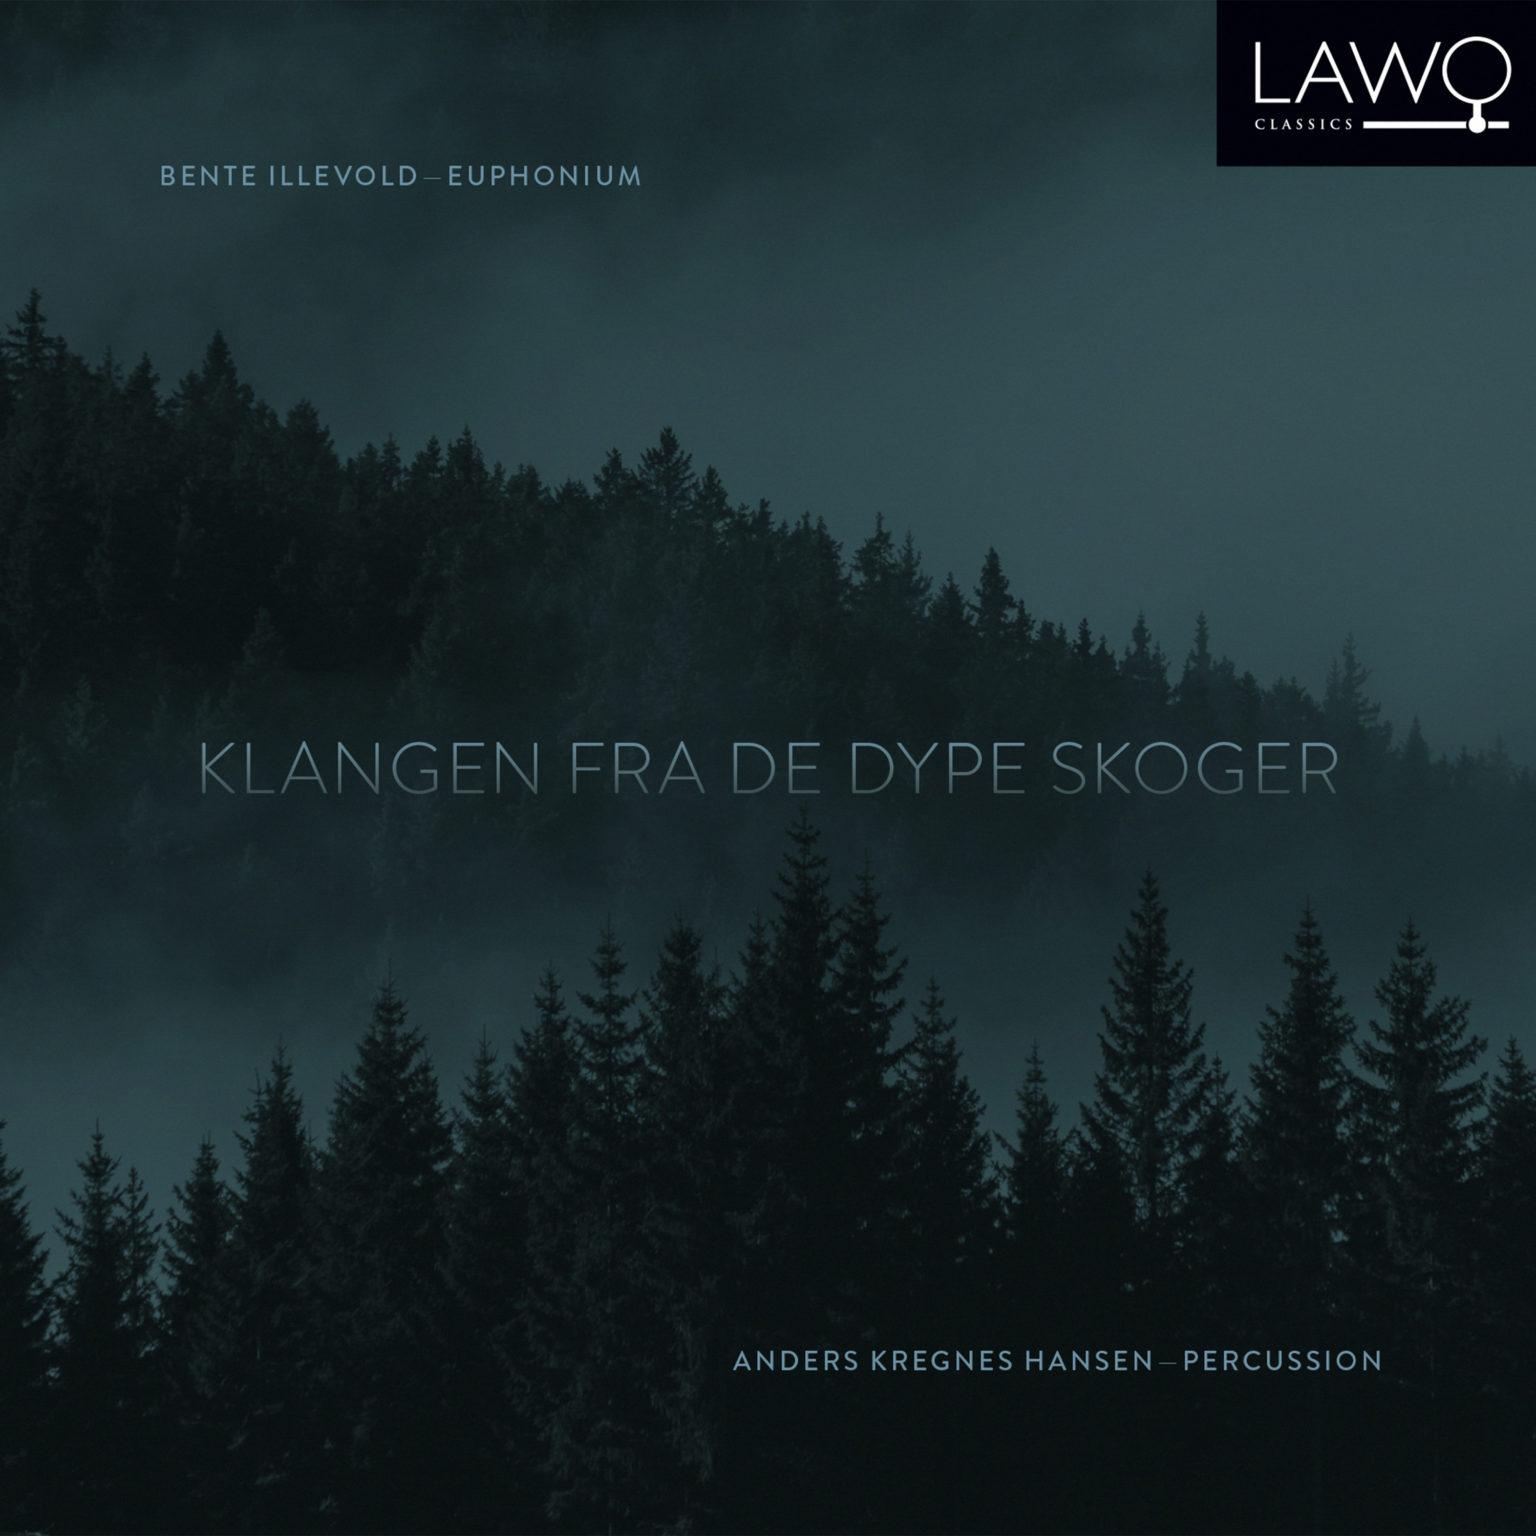 Click image for larger version.  Name:LWC1195_Bente_Illevold_Klangen_fra_de_dype_skoger_cover_3000x3000px-1536x1536.jpg Views:168 Size:174.8 KB ID:7720